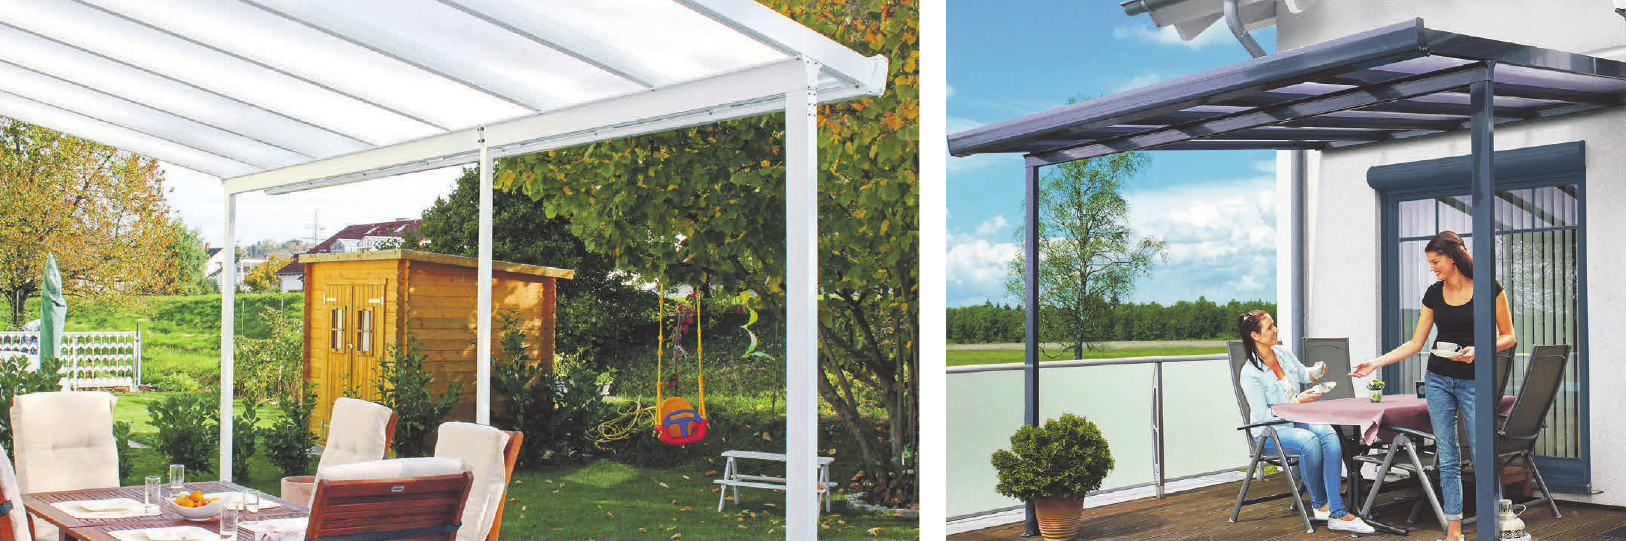 Gut geschützt lassen sich die warmen Tage auf der Terrasse gleich doppelt genießen. Fotos: epr/Gutta